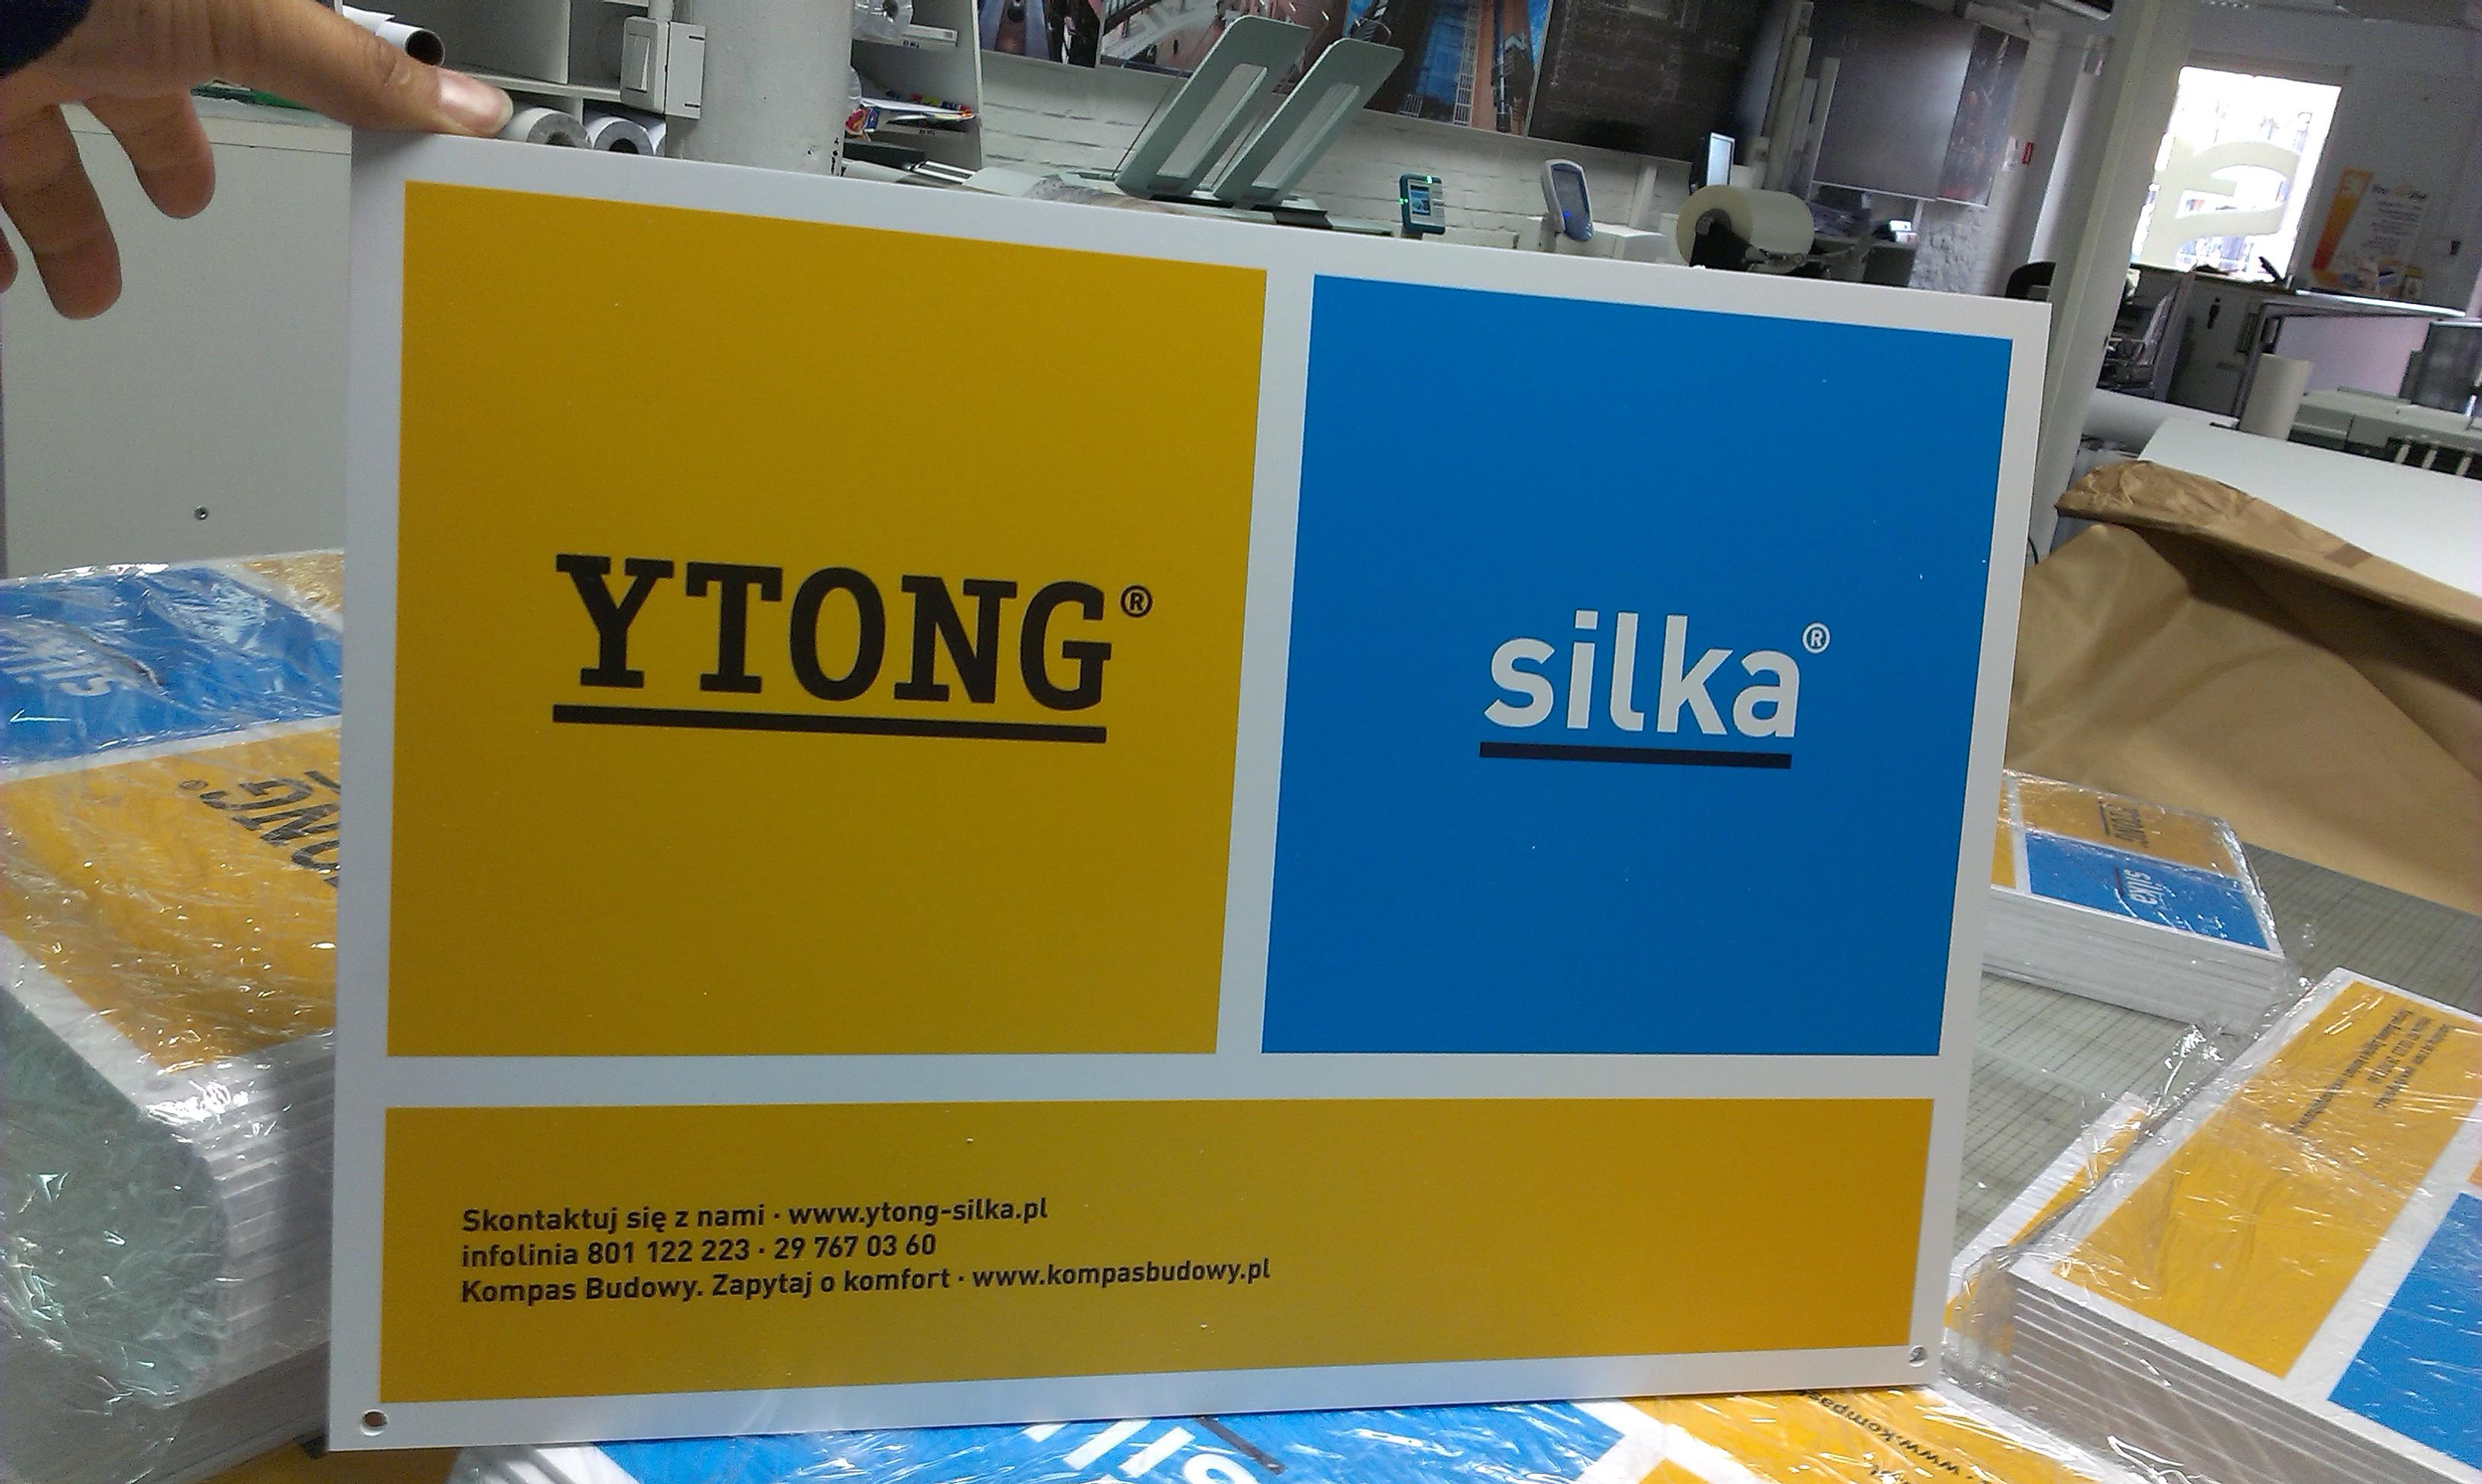 Materiały POS Ytong Silka